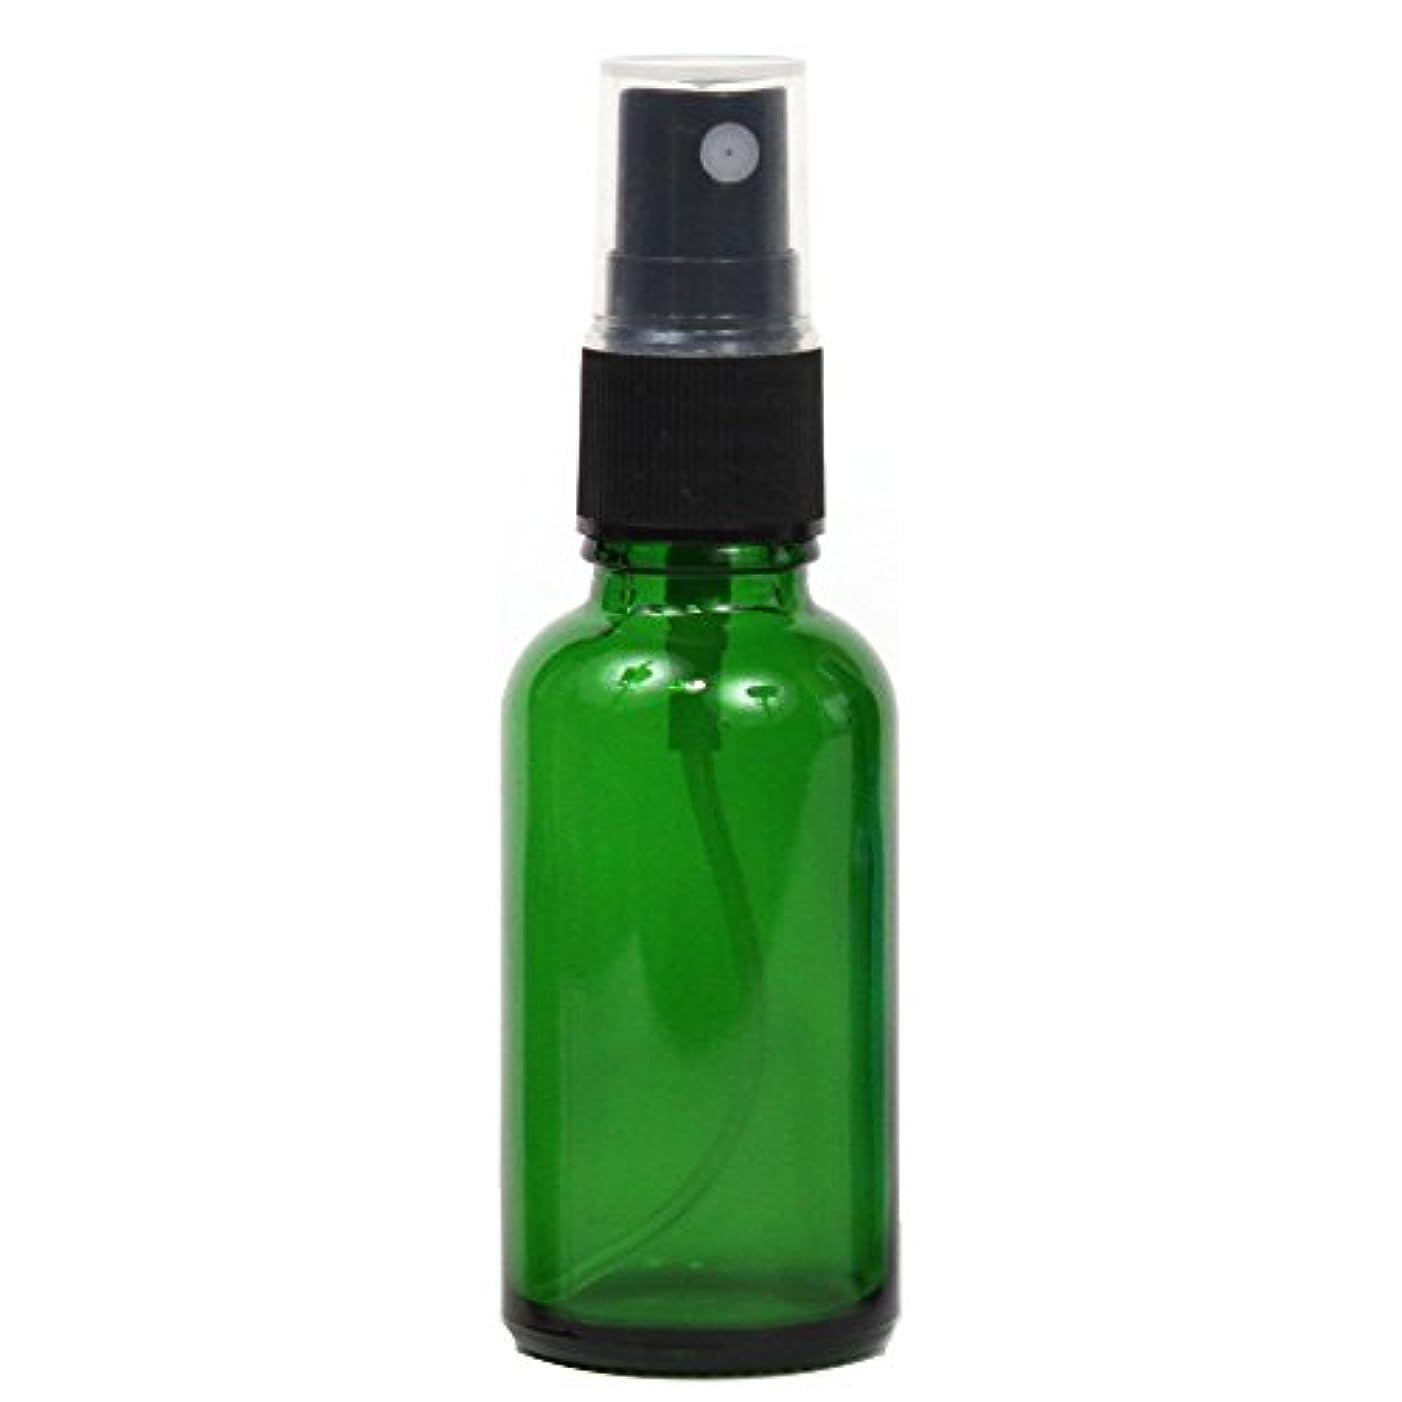 レパートリーエスカレーター平野スプレーボトル 30mL ガラス遮光性グリーン 瓶 空容器